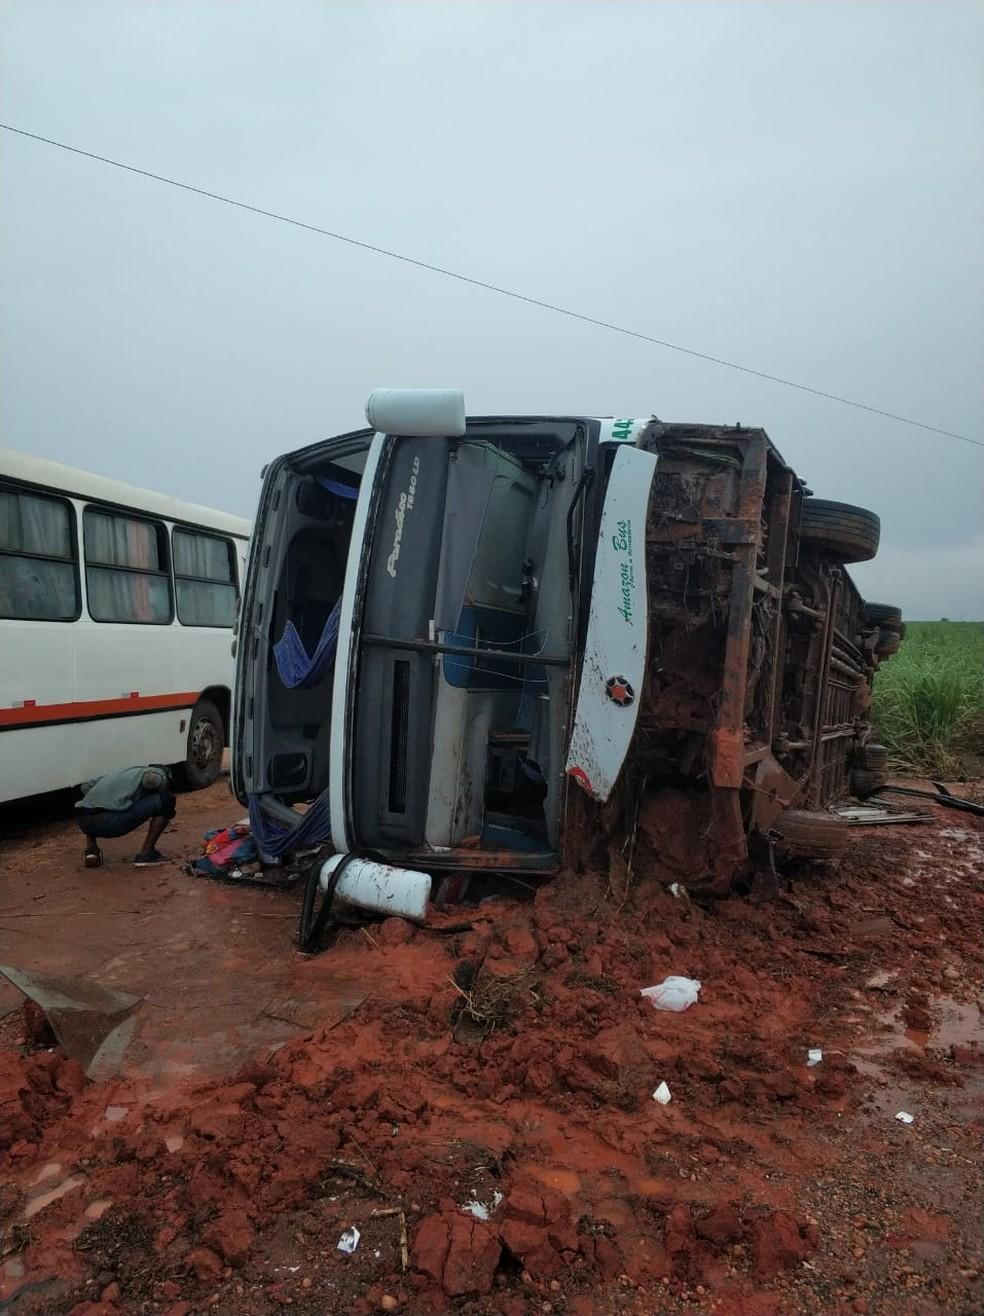 30 passageiros são socorridos após motorista perder controle e ônibus tombar em Nova Mutum — Foto: Corpo de Bombeiros de Mato Grosso/Nova Mutum